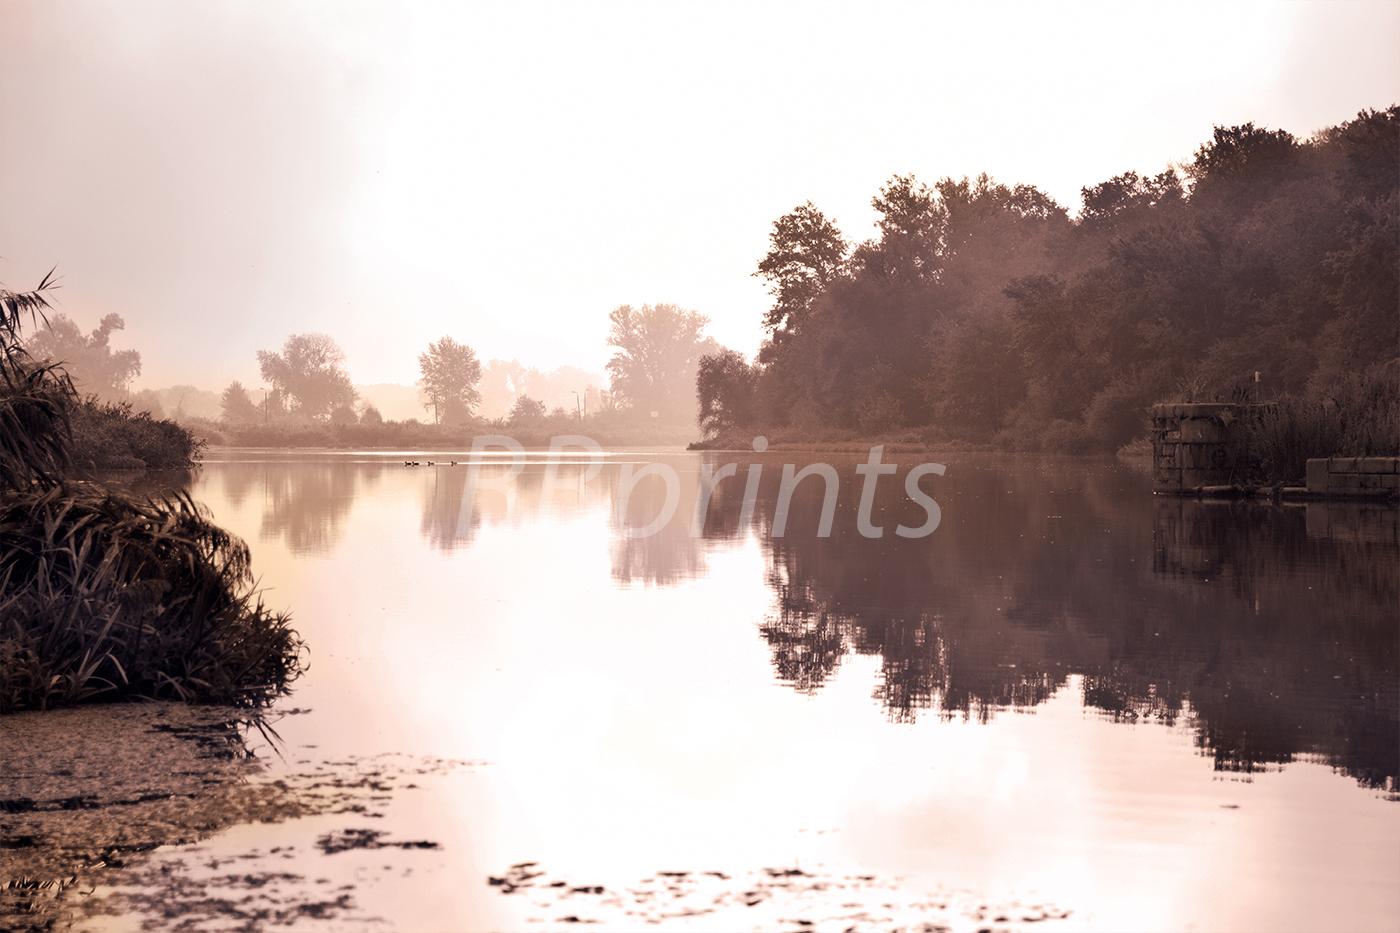 Nature photo, landscape photo, lake photo, example image 1